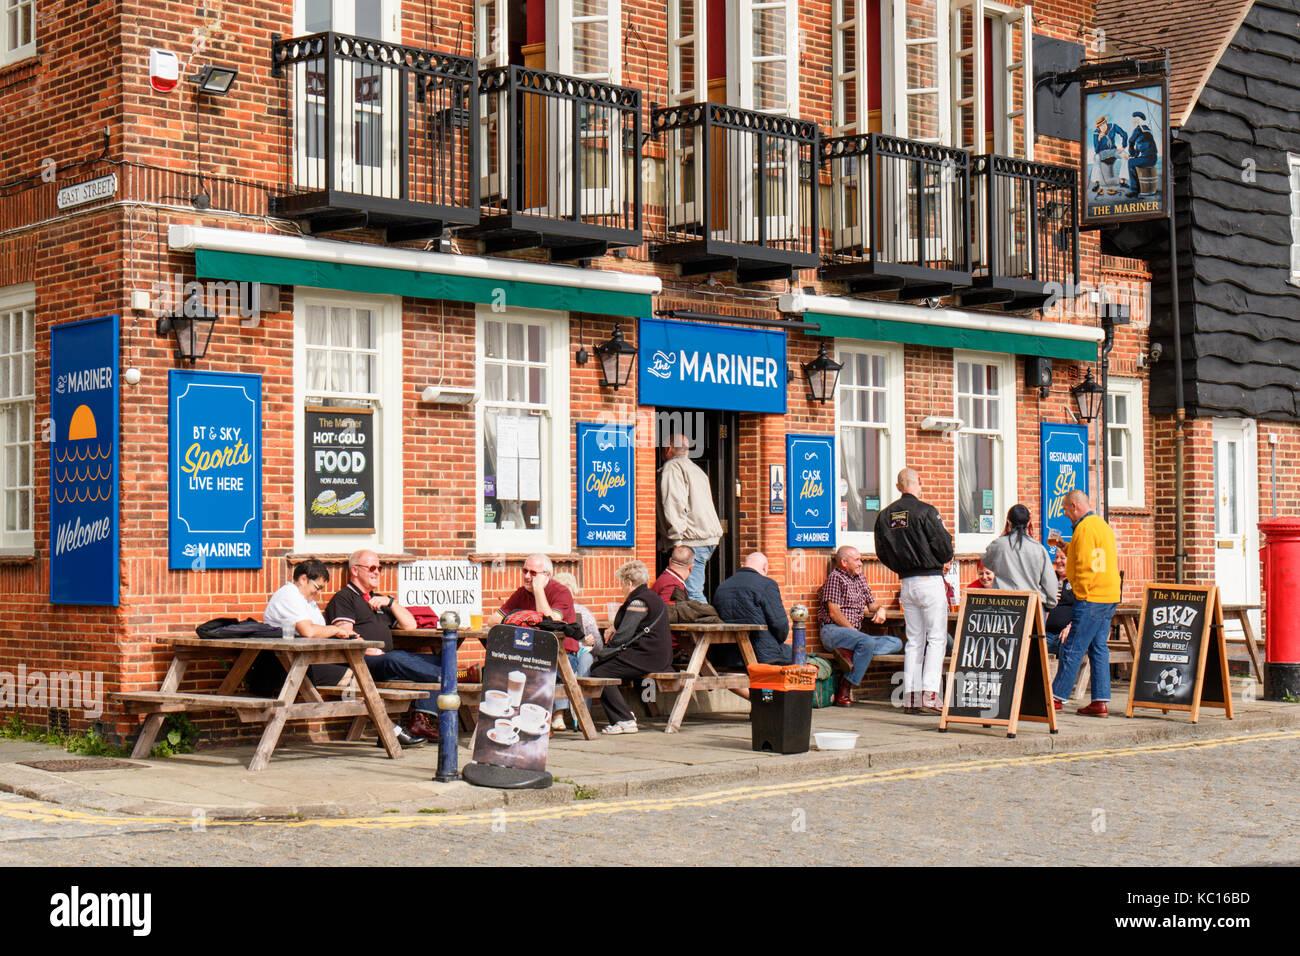 Adults enjoying drinking beer outside mariner pub, Folkestone horbour Kent UK - Stock Image